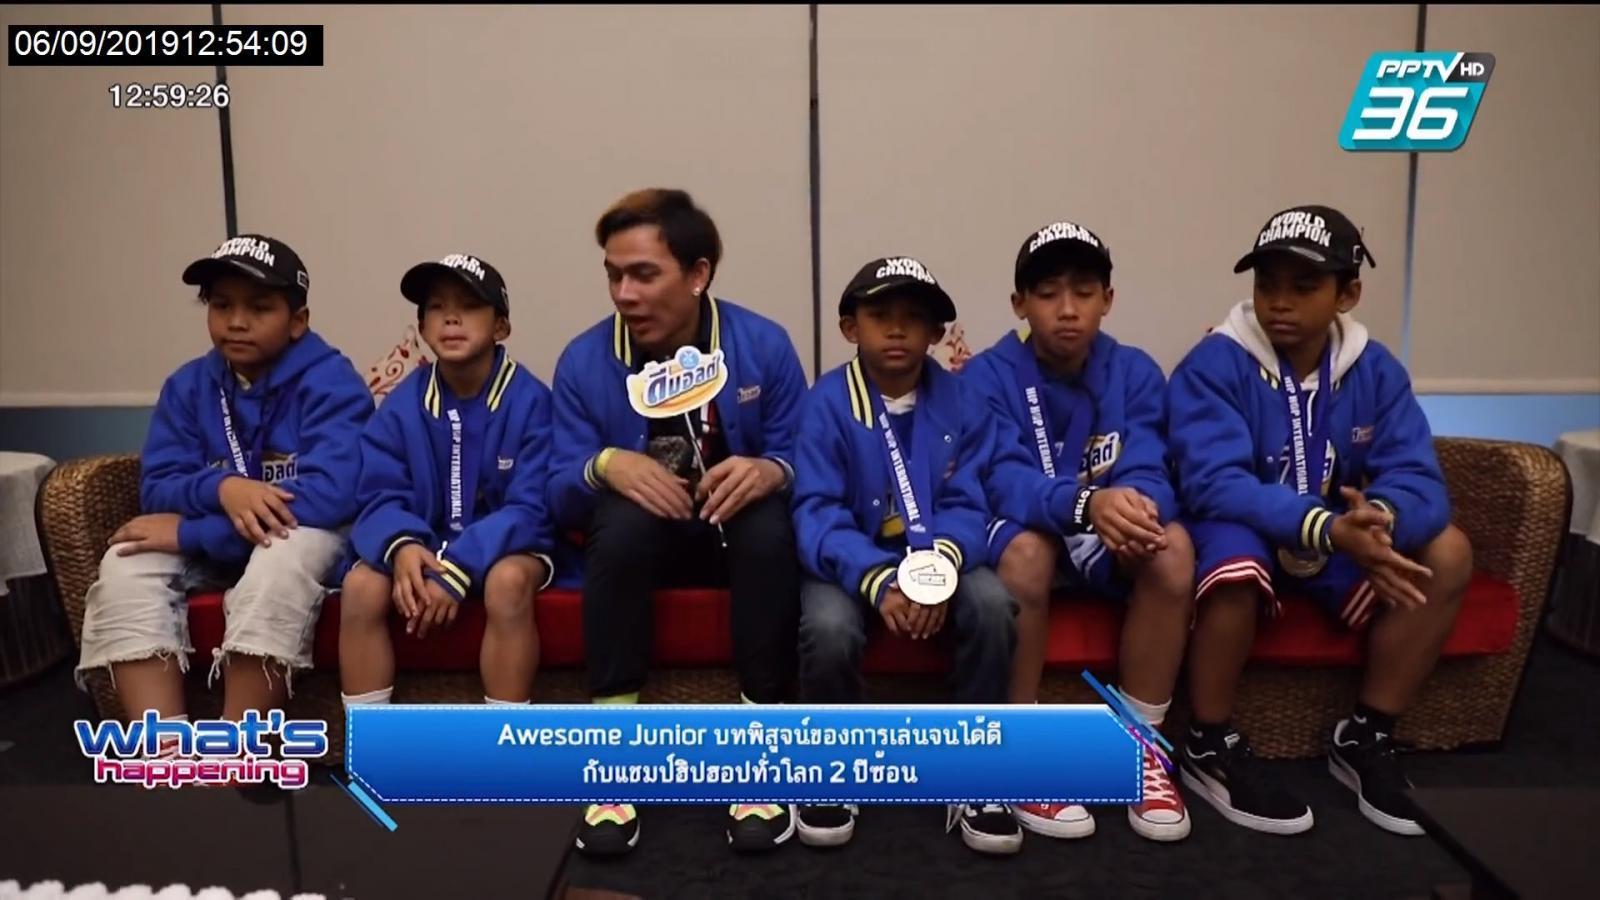 Awesome Junior บทพิสูจน์ของการเล่นจนได้ดี กับแชมป์ฮิปฮอปโลก 2 ปีซ้อน